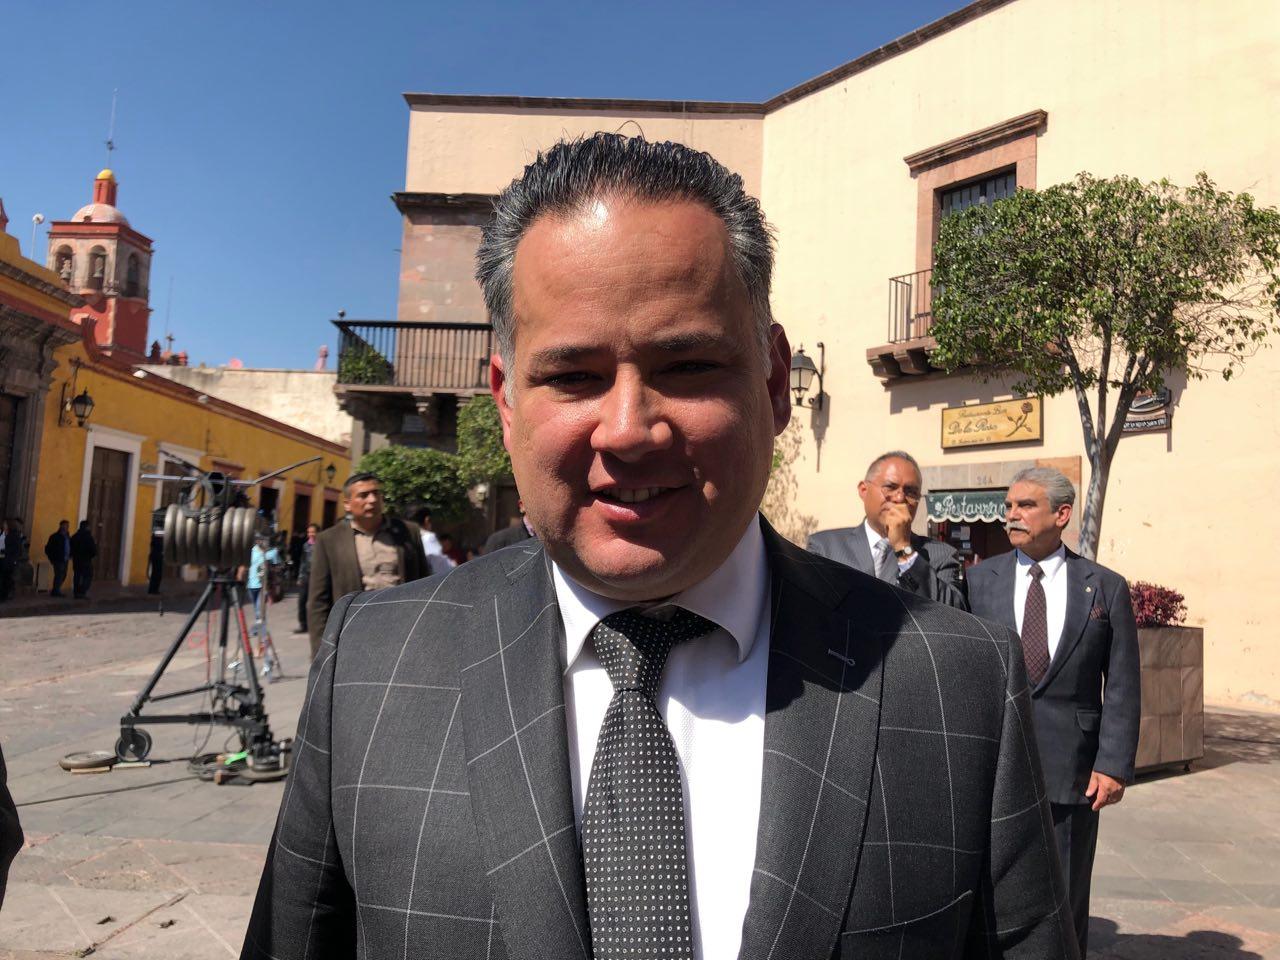 Santiago Nieto, en la mira del crimen organizado